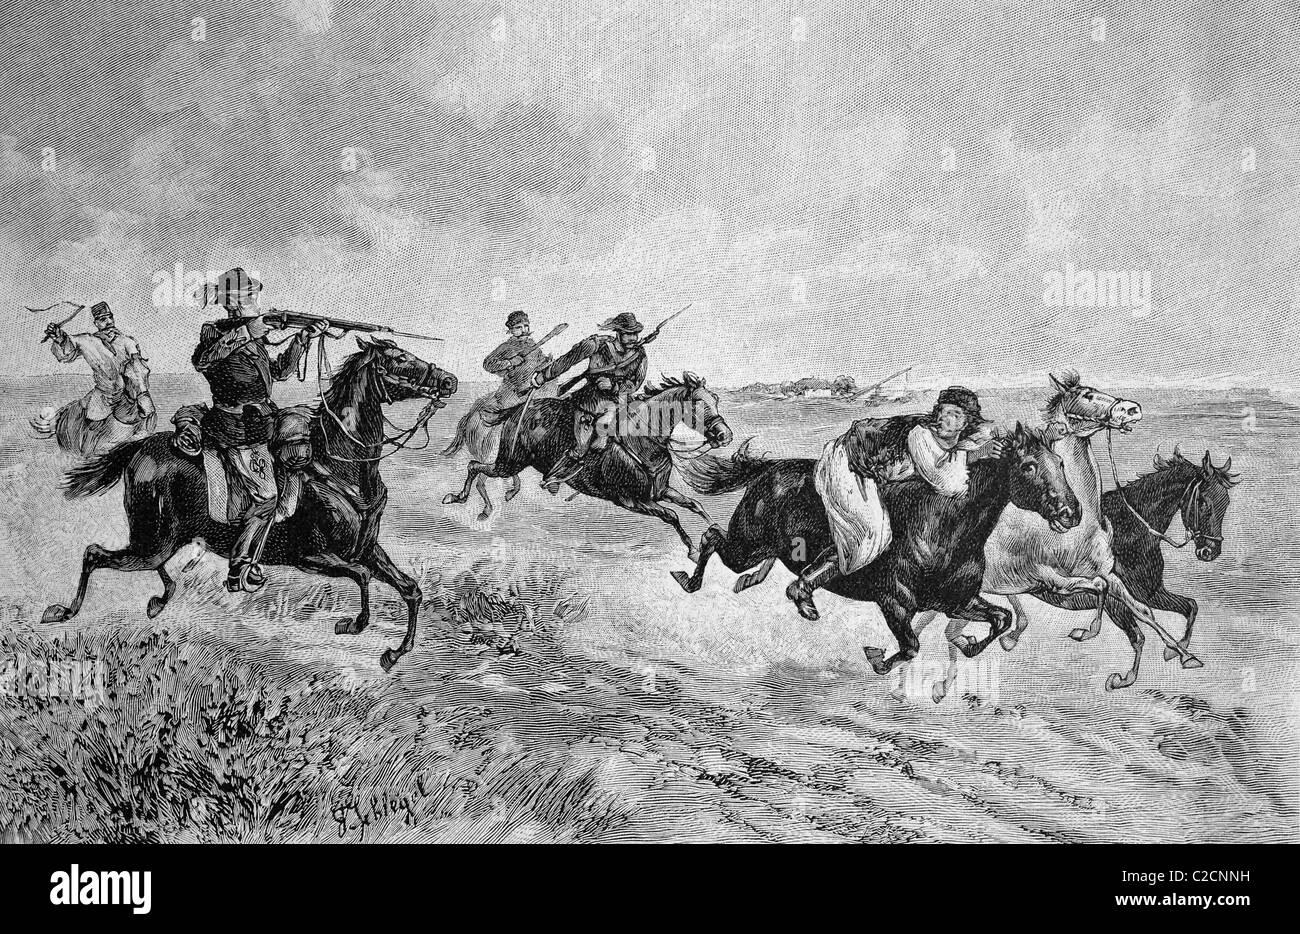 Búsqueda de un ladrón de caballos en Hungría, ilustración histórica circa 1893 Imagen De Stock